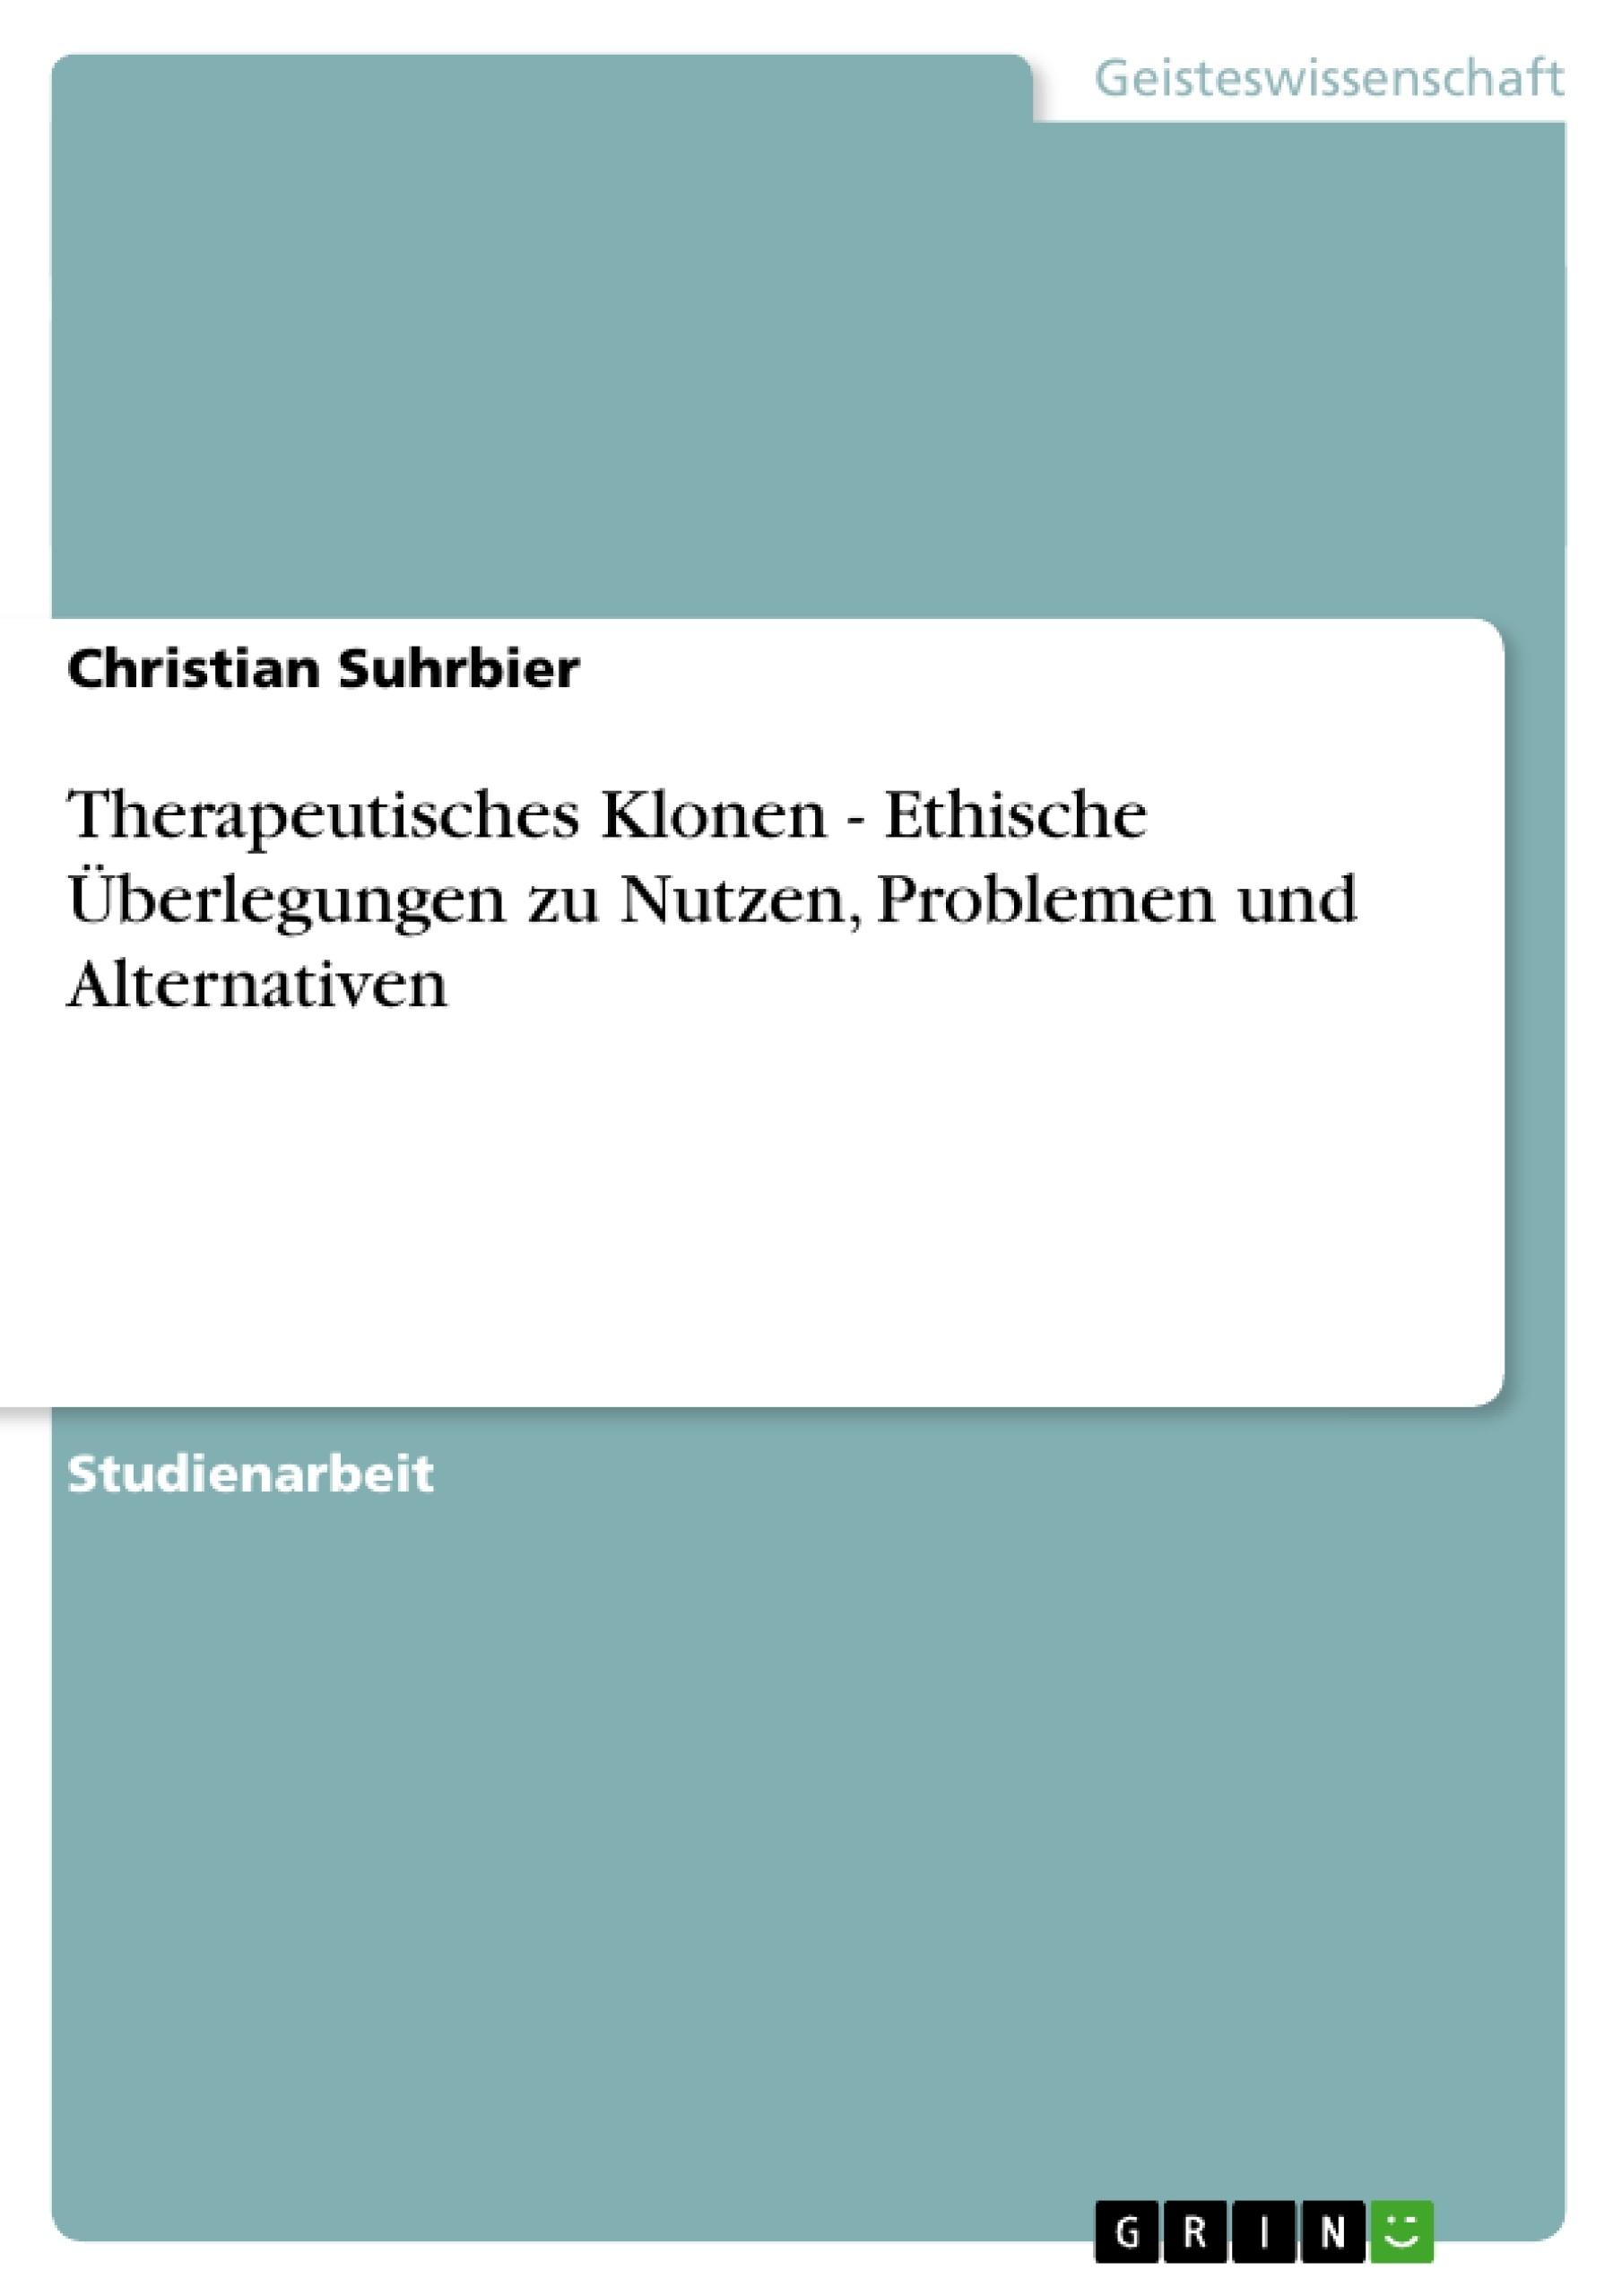 Titel: Therapeutisches Klonen - Ethische Überlegungen zu Nutzen, Problemen und Alternativen